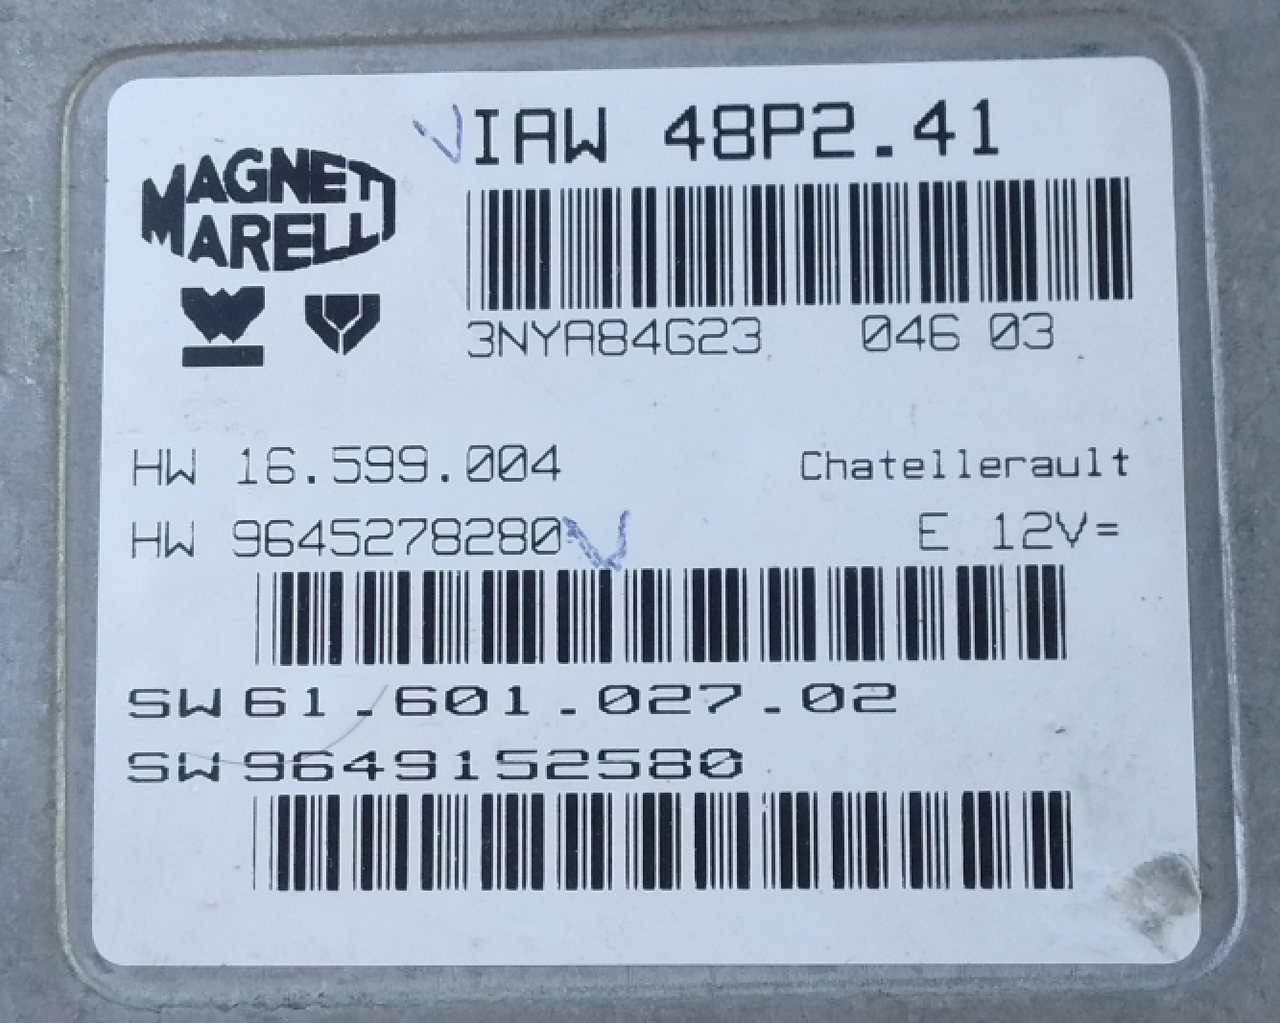 IAW 48P2.41, HW 16.599.004, HW 9645278280, SW 61.601.027.02, SW 9649152580